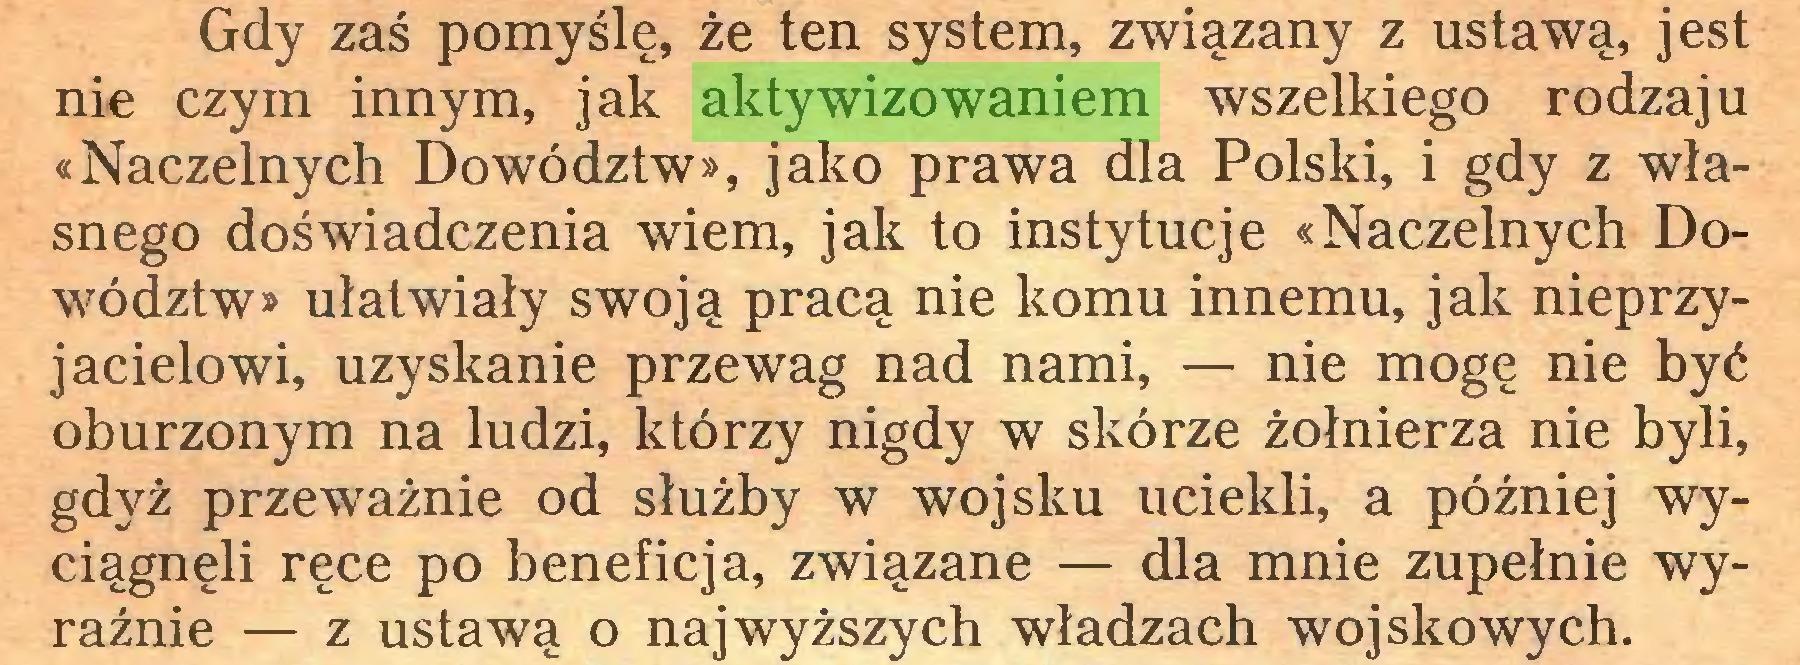 (...) Gdy zaś pomyślę, że ten system, związany z ustawą, jest nie czym innym, jak aktywizowaniem wszelkiego rodzaju «Naczelnych Dowództw», jako prawa dla Polski, i gdy z własnego doświadczenia wiem, jak to instytucje «Naczelnych Dowództw» ułatwiały swoją pracą nie komu innemu, jak nieprzyjacielowi, uzyskanie przewag nad nami, — nie mogę nie być oburzonym na ludzi, którzy nigdy w skórze żołnierza nie byli, gdyż przeważnie od służby w wojsku uciekli, a później wyciągnęli ręce po beneficja, związane — dla mnie zupełnie wyraźnie — z ustawą o najwyższych władzach wojskowych...